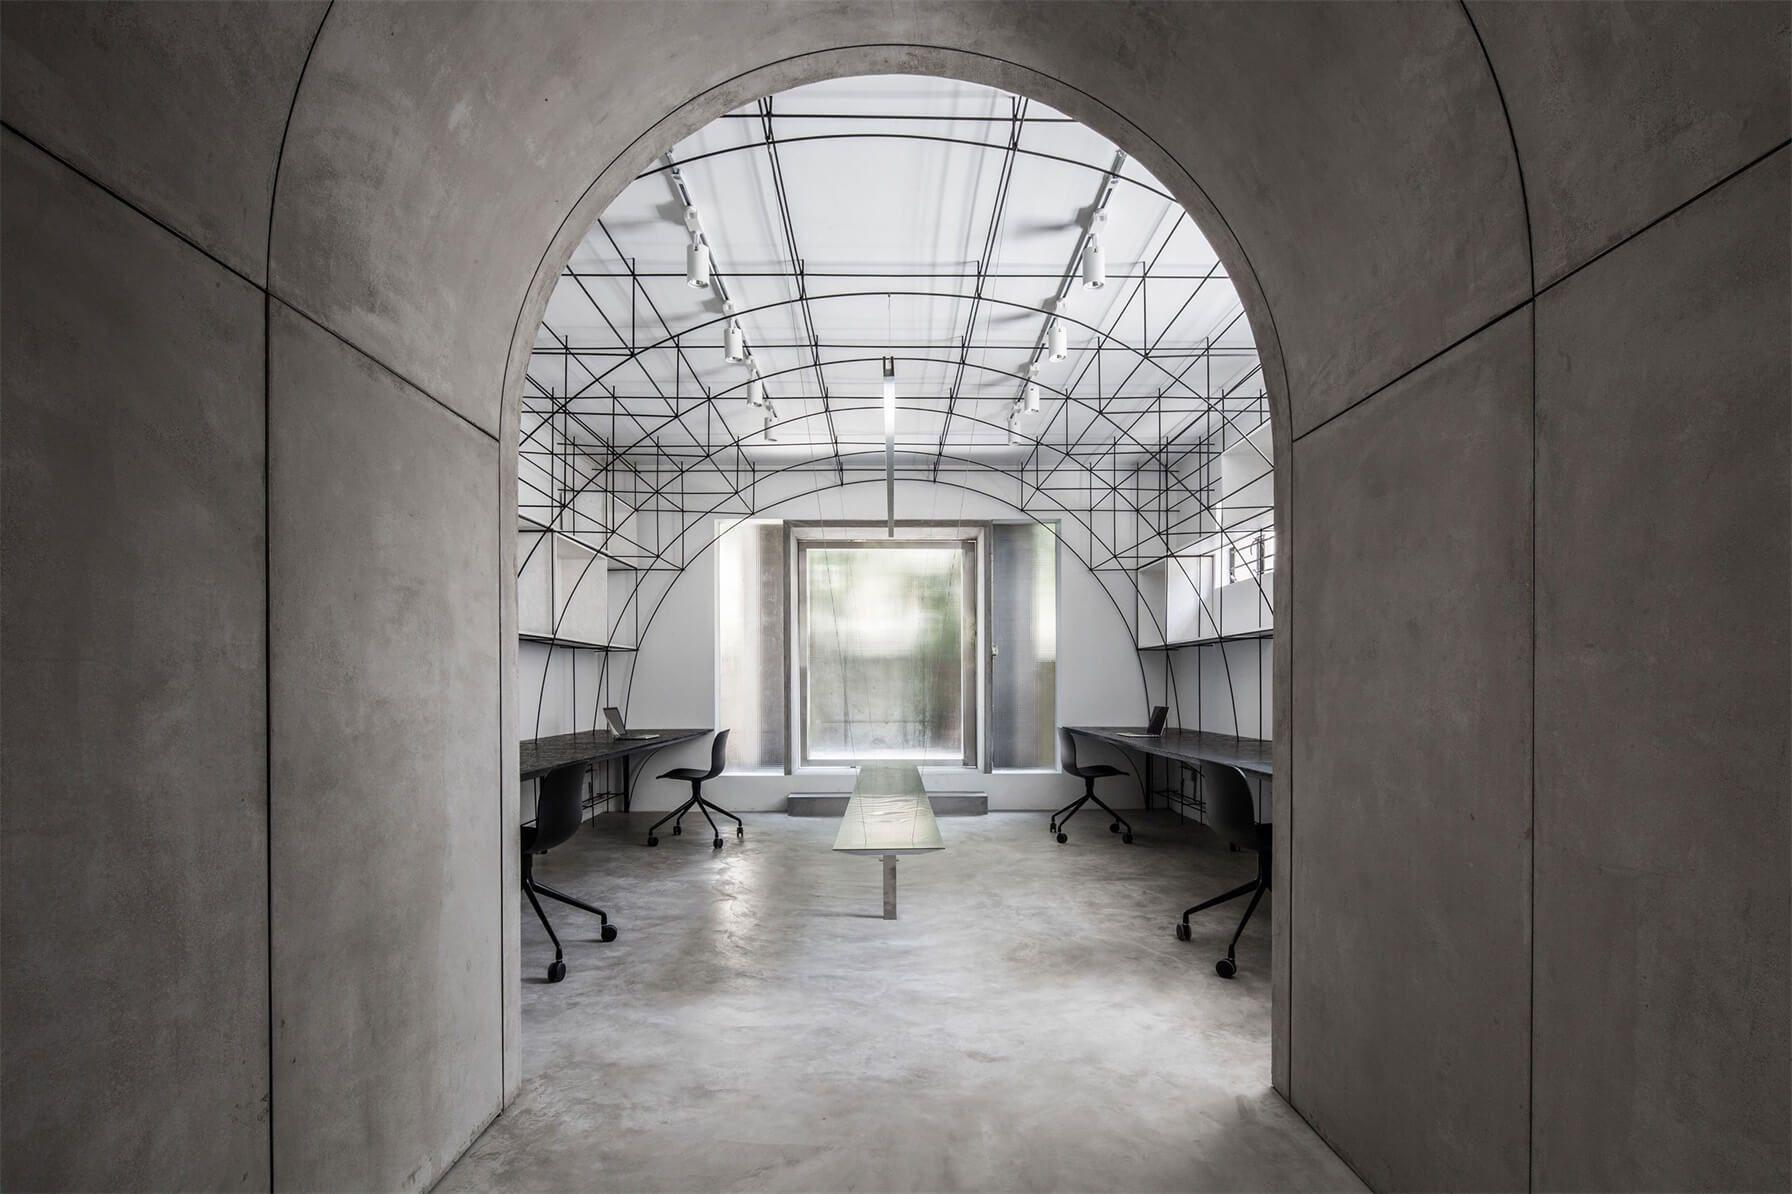 上海MONOARCHI度向建筑办公室改造设计